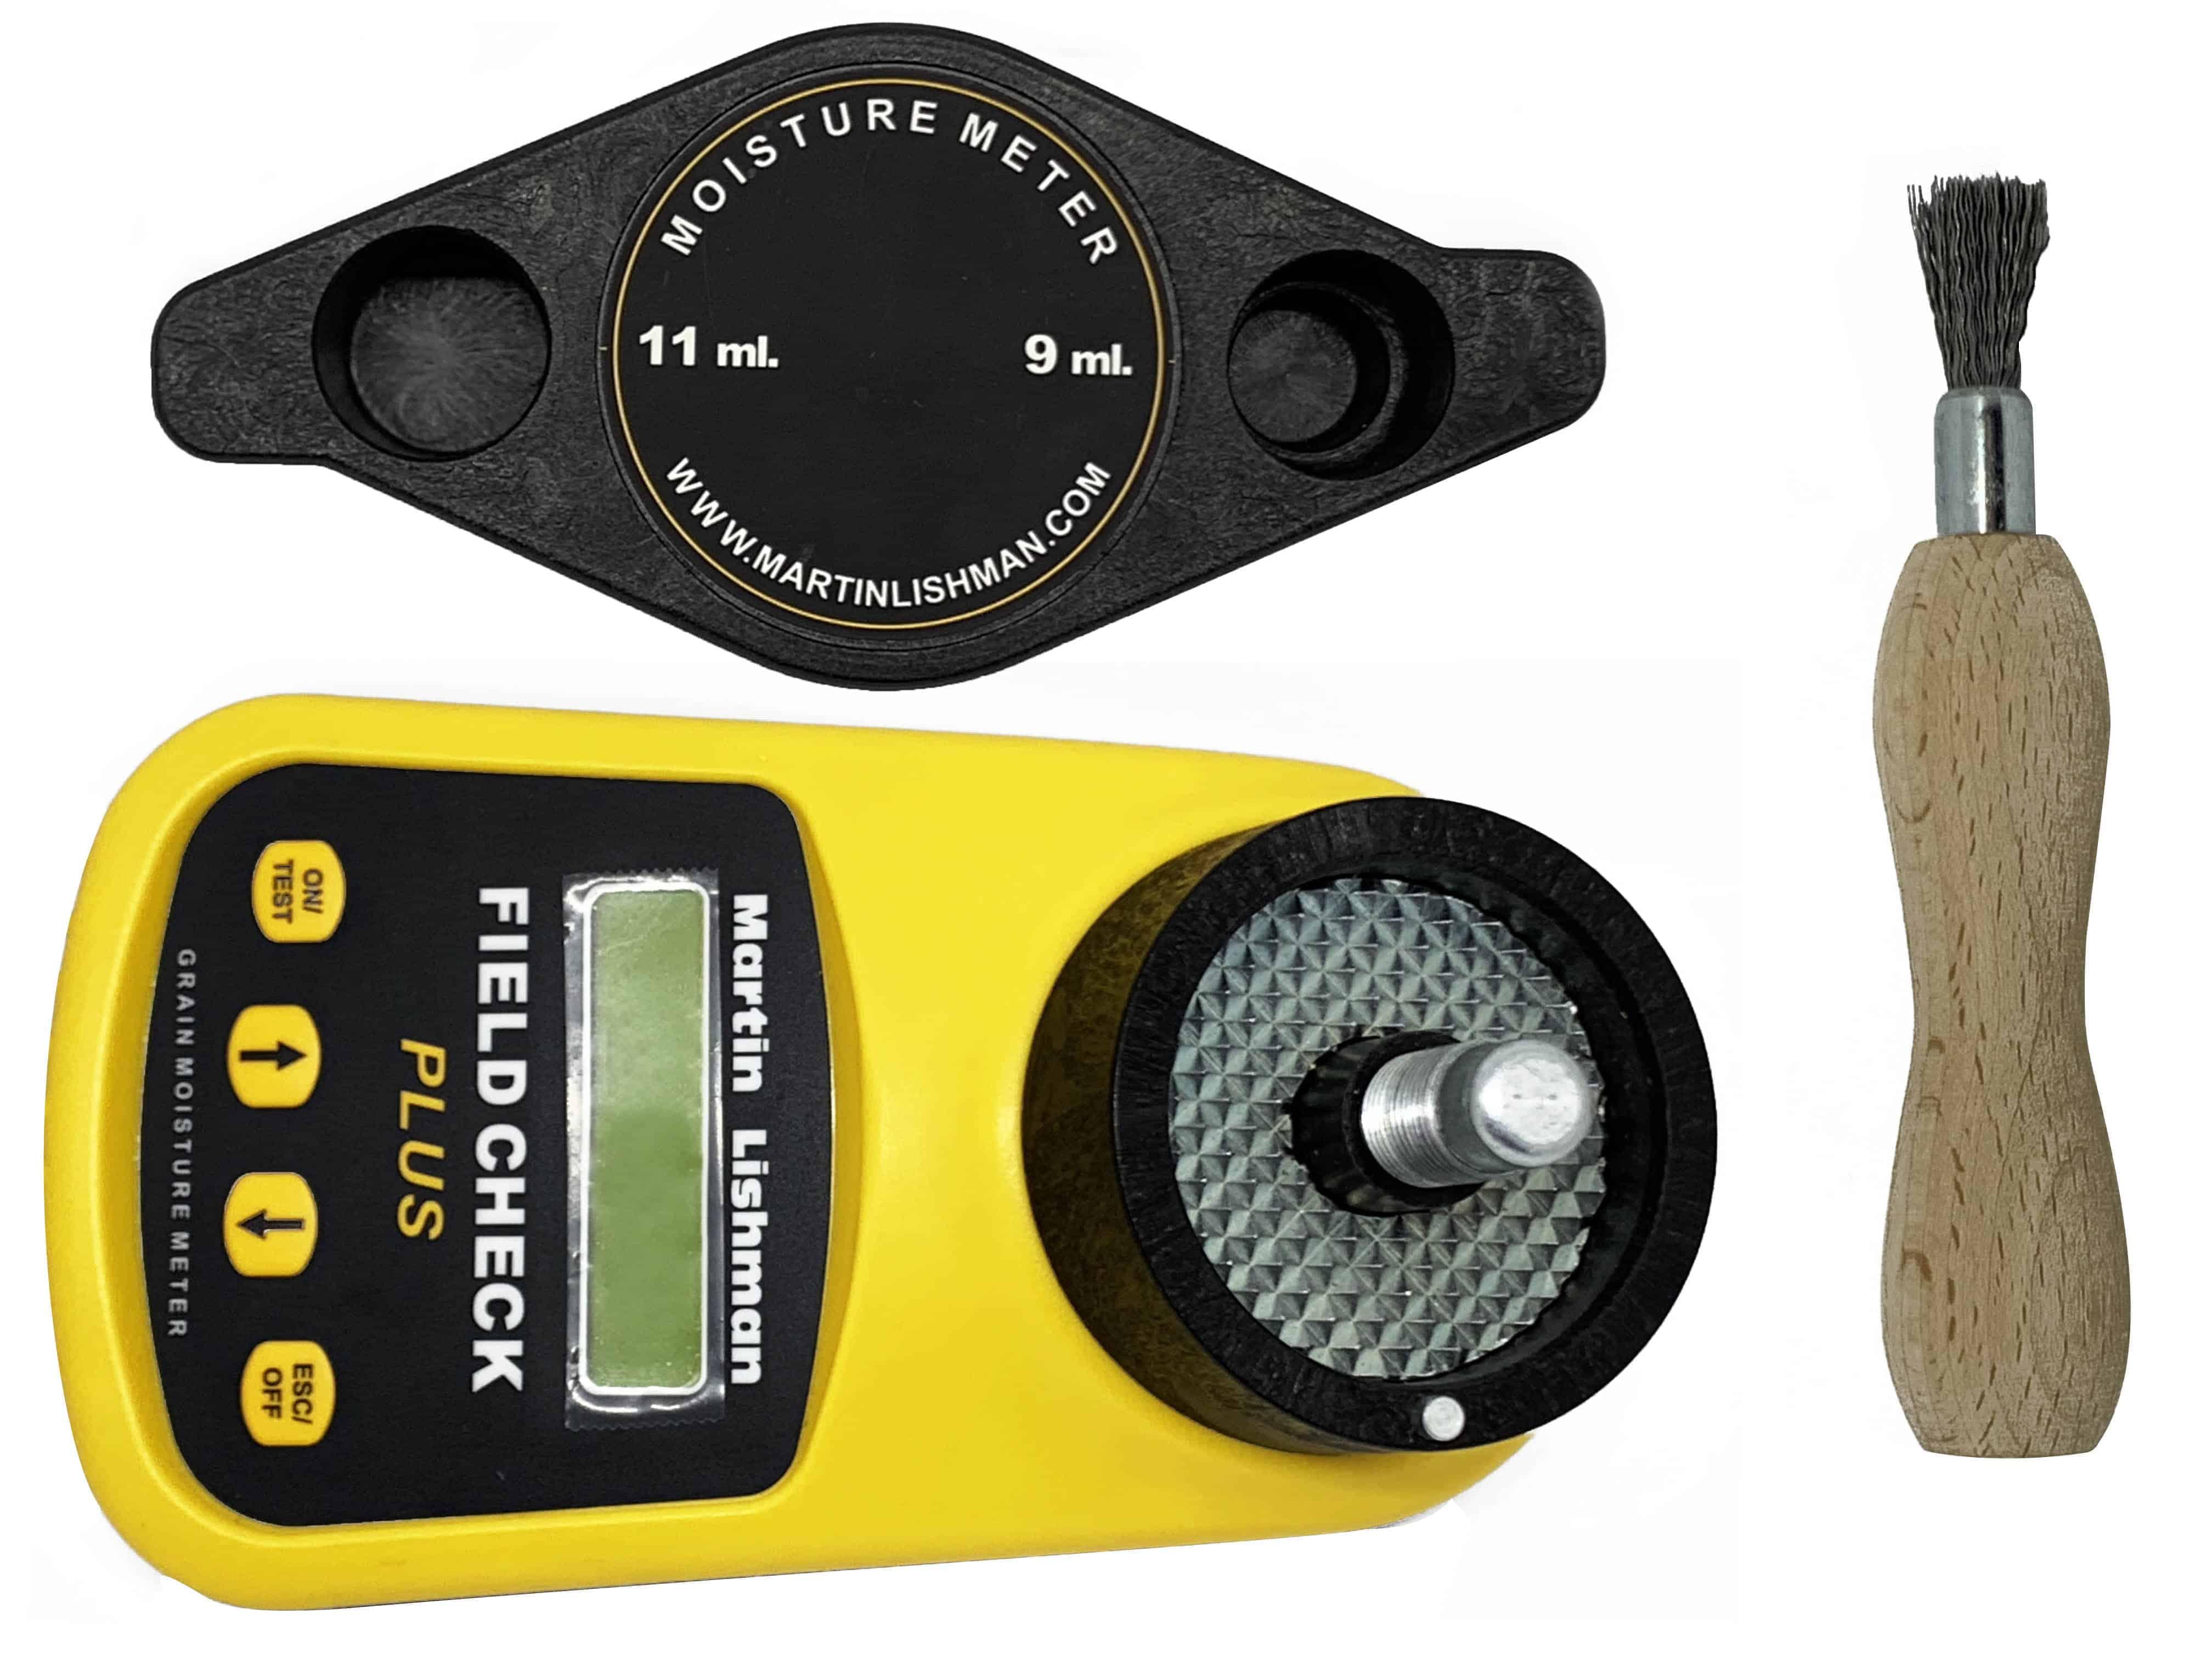 Уређај за мерење влаге Мартин Лисхман долази са свим потребним